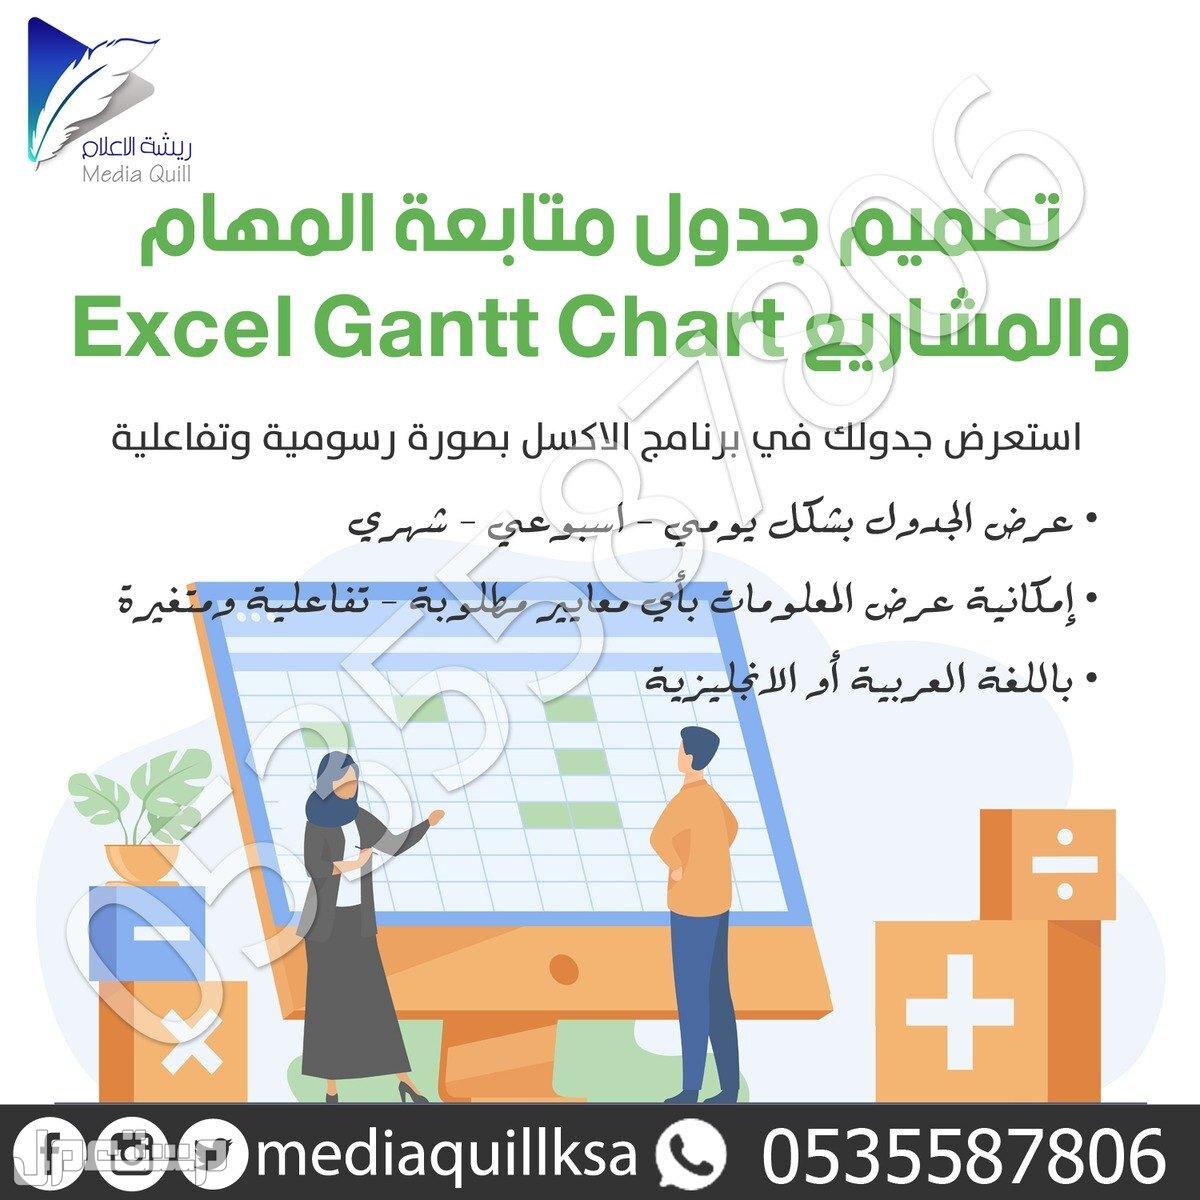 تصميم جدول متابعة المهام والمشاريع باستخدام اكسل Gantt Chart تصميم مخطط متابعة المهام والمشاريع - جانت تشارت Gantt Chart - باستخدام اكسل